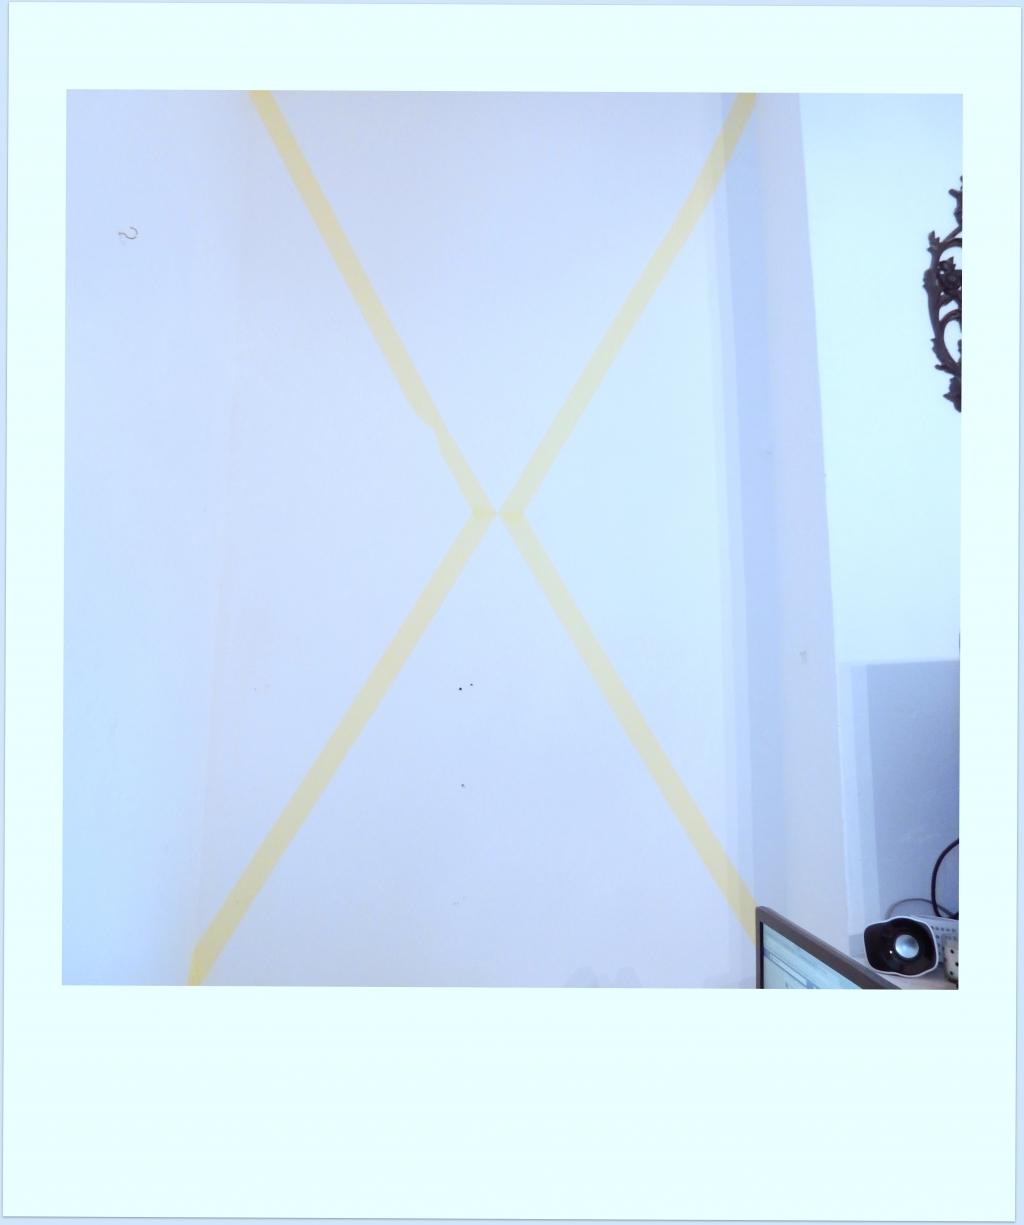 Peindre Triangle Sur Mur diy: peindre des triangles sur un mur - blog déco, do it